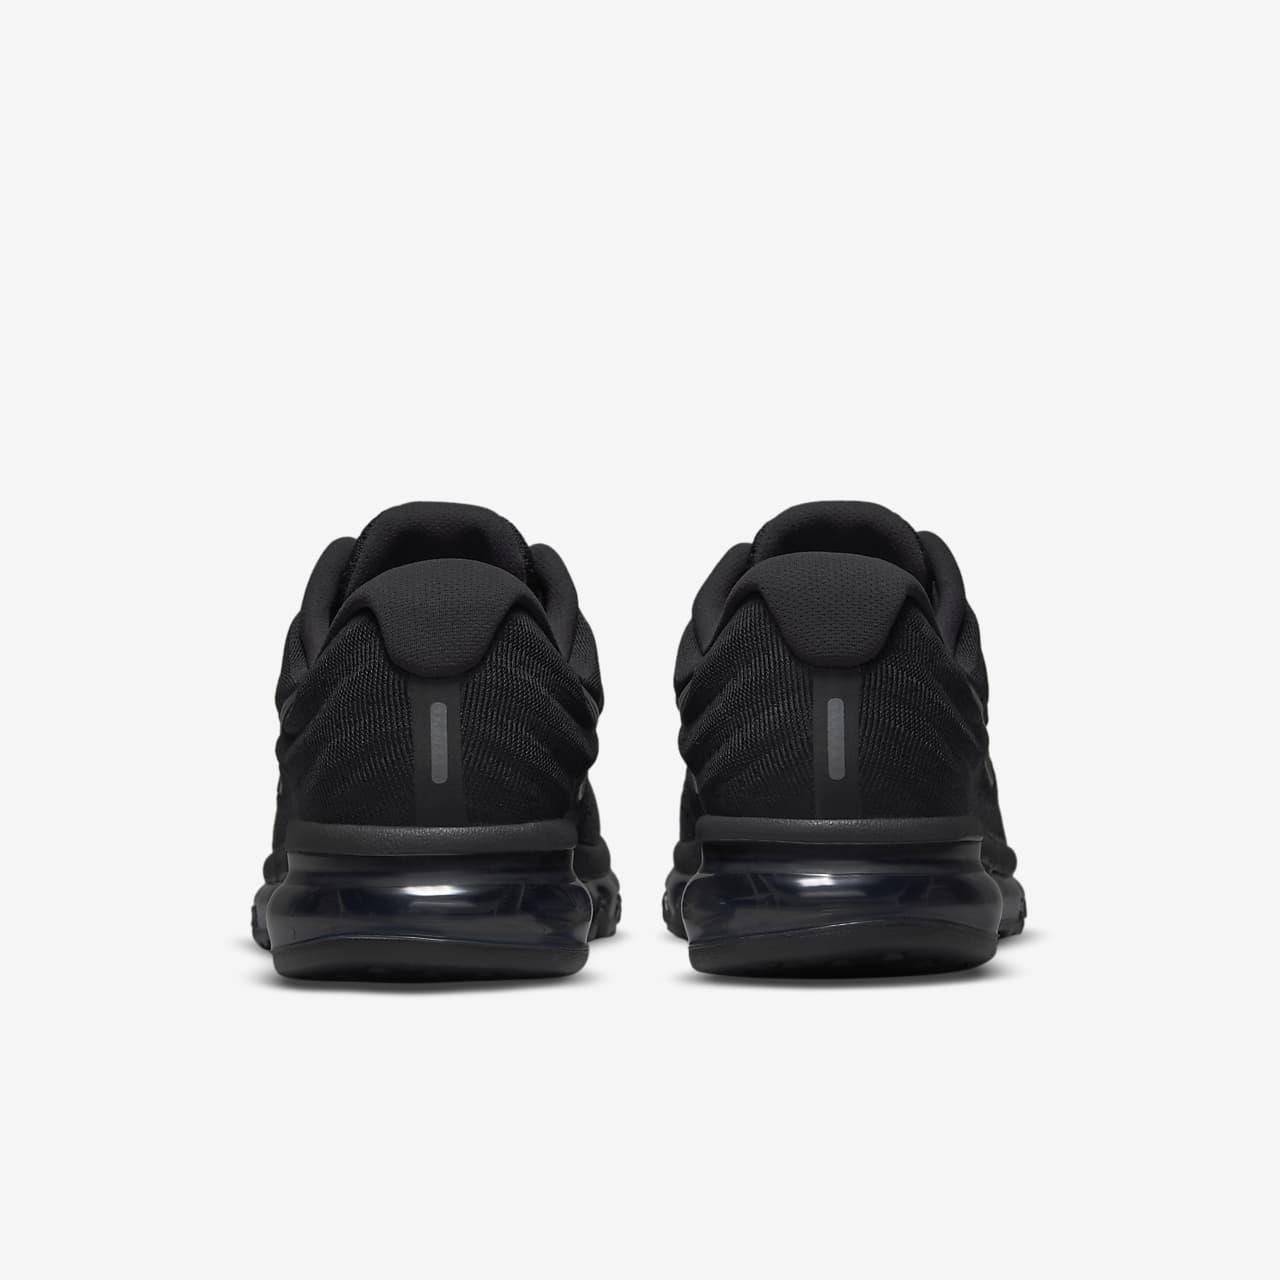 3c71a2b66ed57 Nike Air Max 2017 Zapatillas - Hombre. Nike.com ES